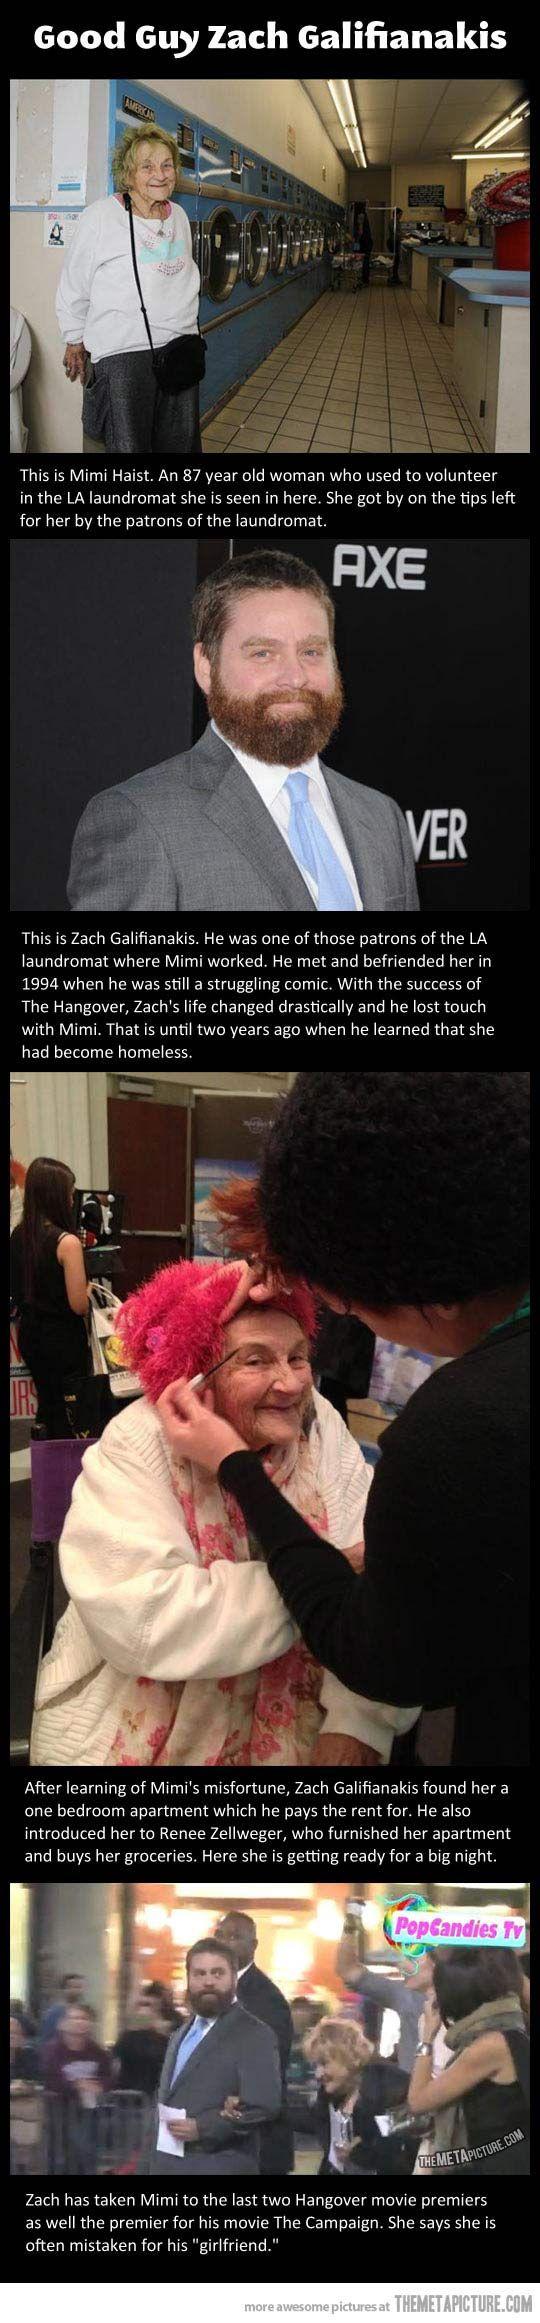 Zach Galifianakis. So very sweet.